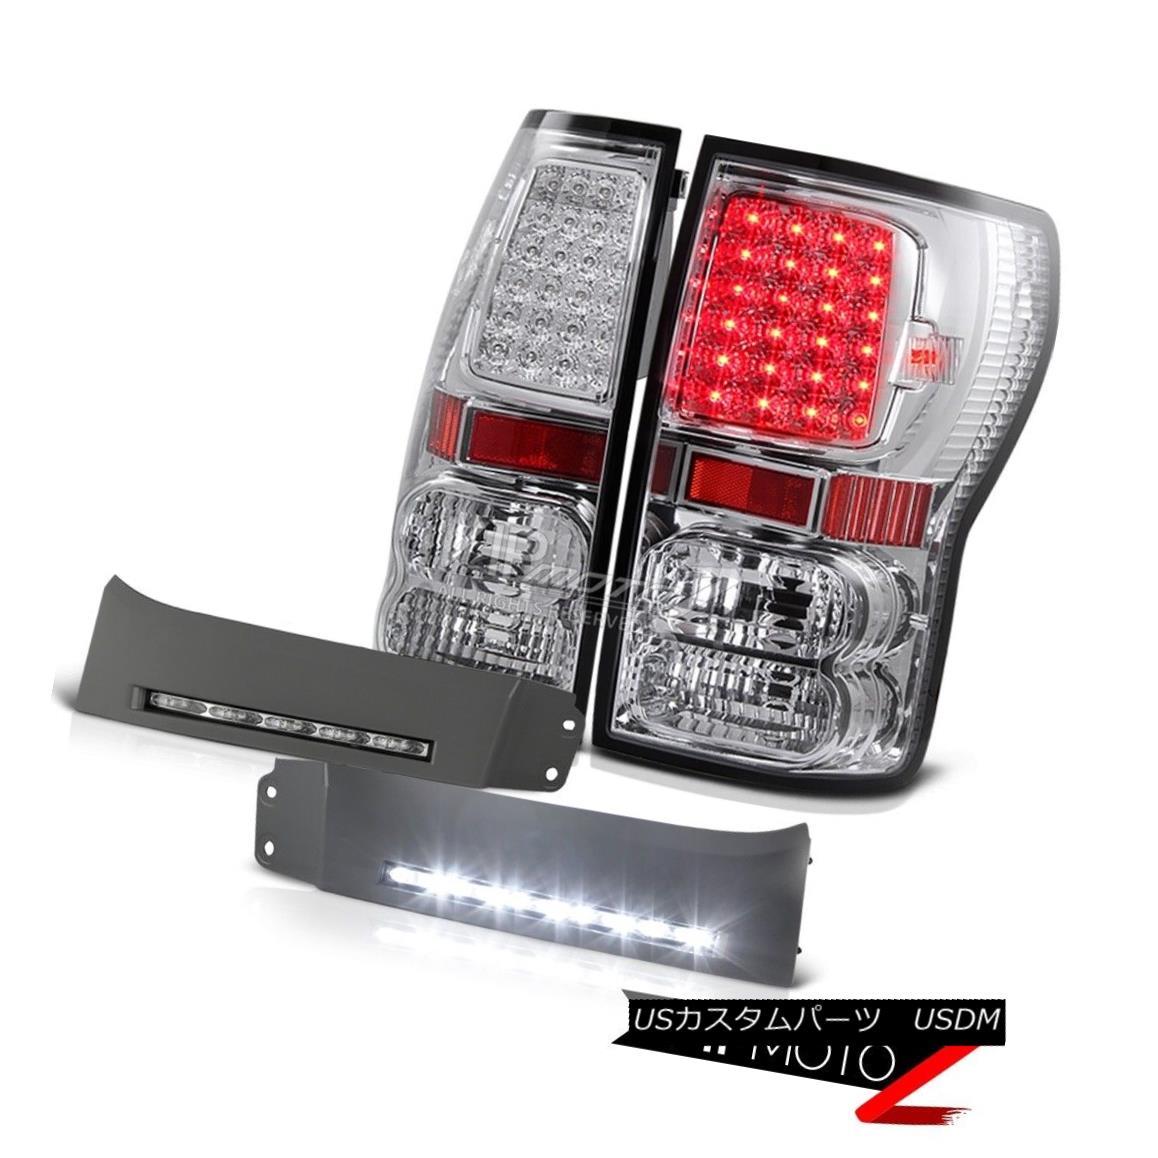 テールライト 2007-13 Tundra V8 4.7L Chrome LED Tail Lamps SMD Foglight DRL System BUmper Trim 2007?13年トンドラV8 4.7LクロームLEDテールランプSMDフォグライトDRLシステムBUmper Trim